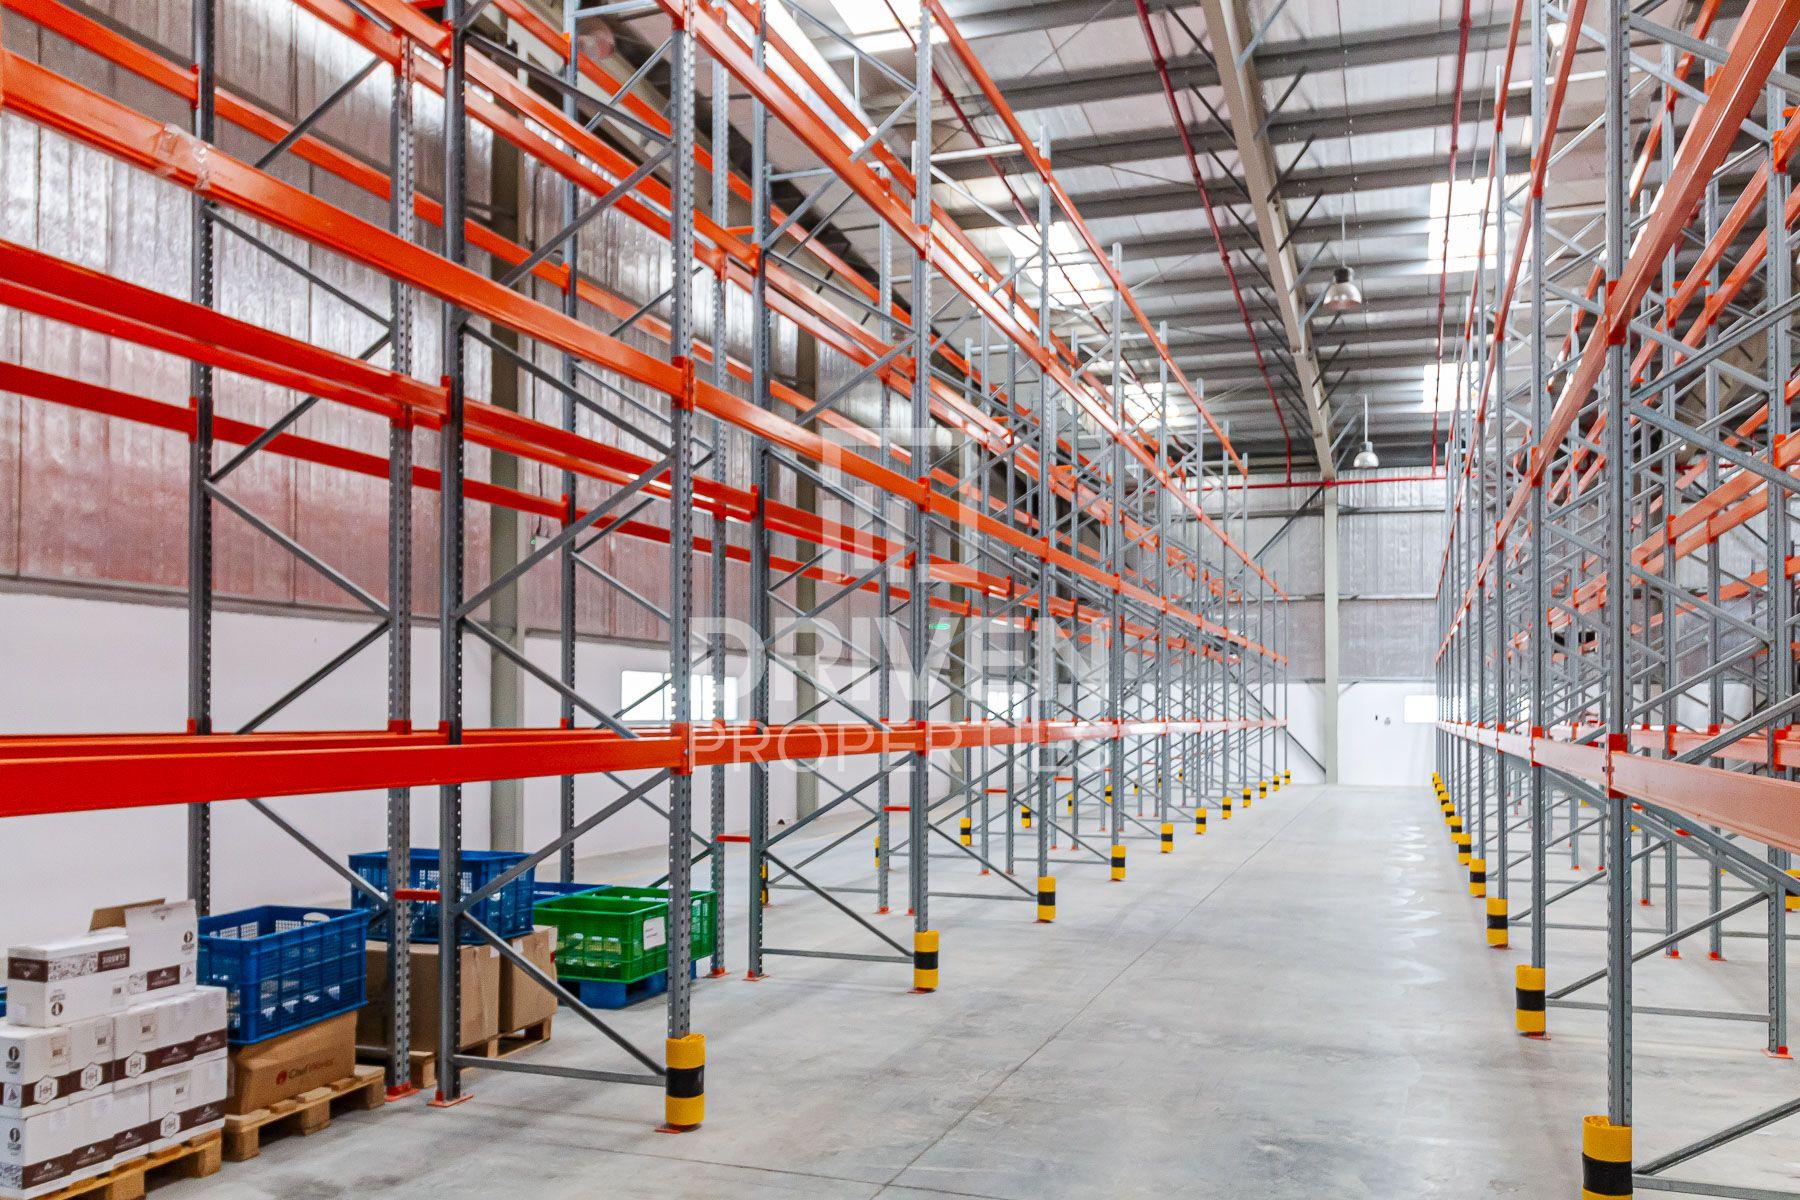 32,995 قدم مربع  مستودع - للبيع - واحة التكنولوجيا